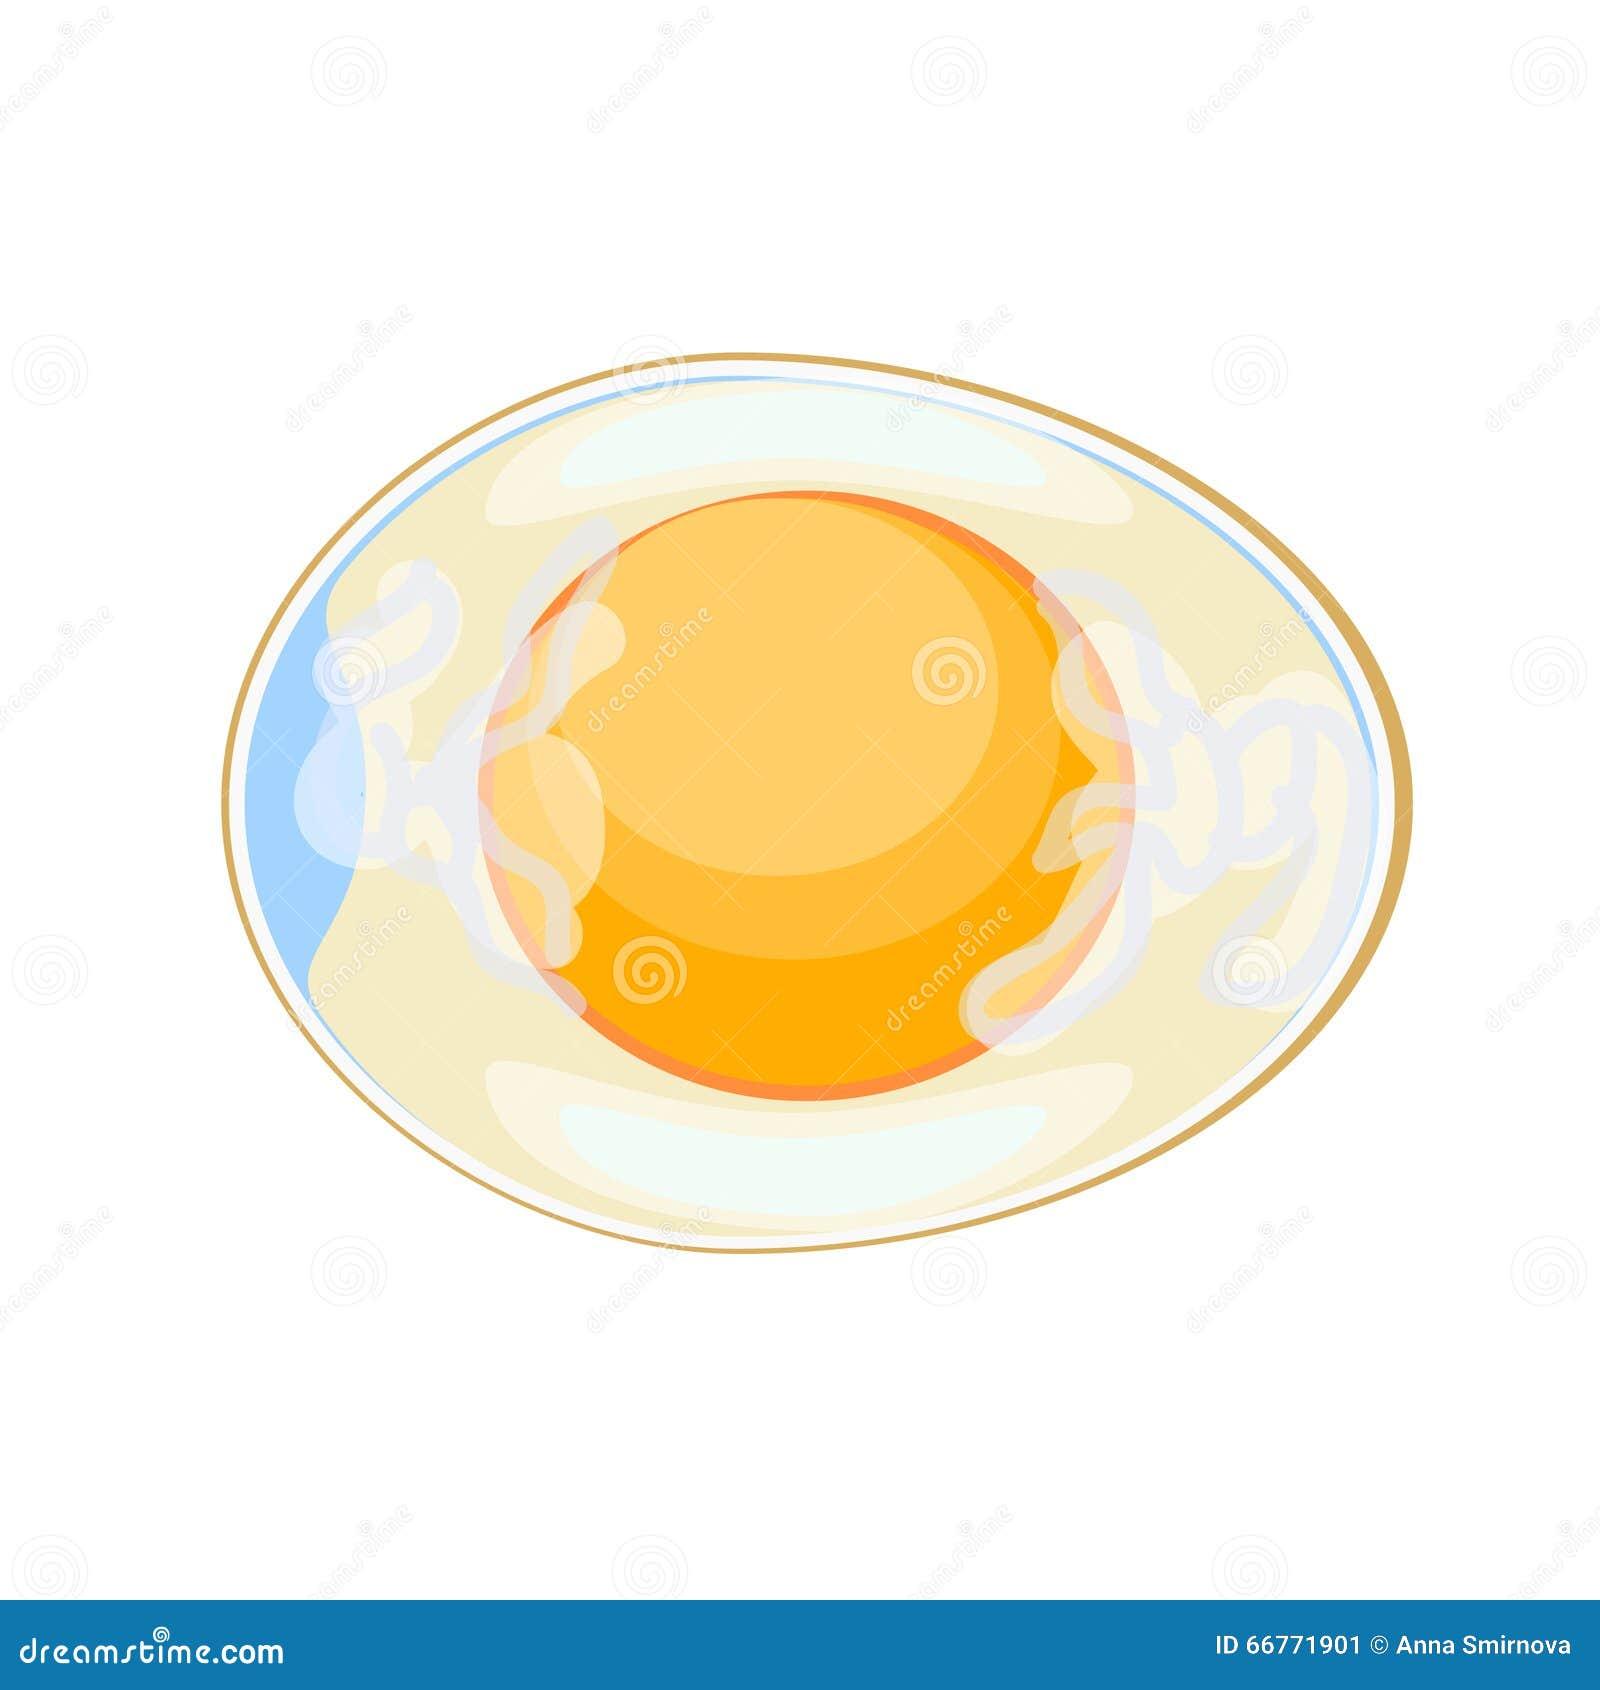 Hen's Egg In Cross Section Stock Illustration - Image: 66771901